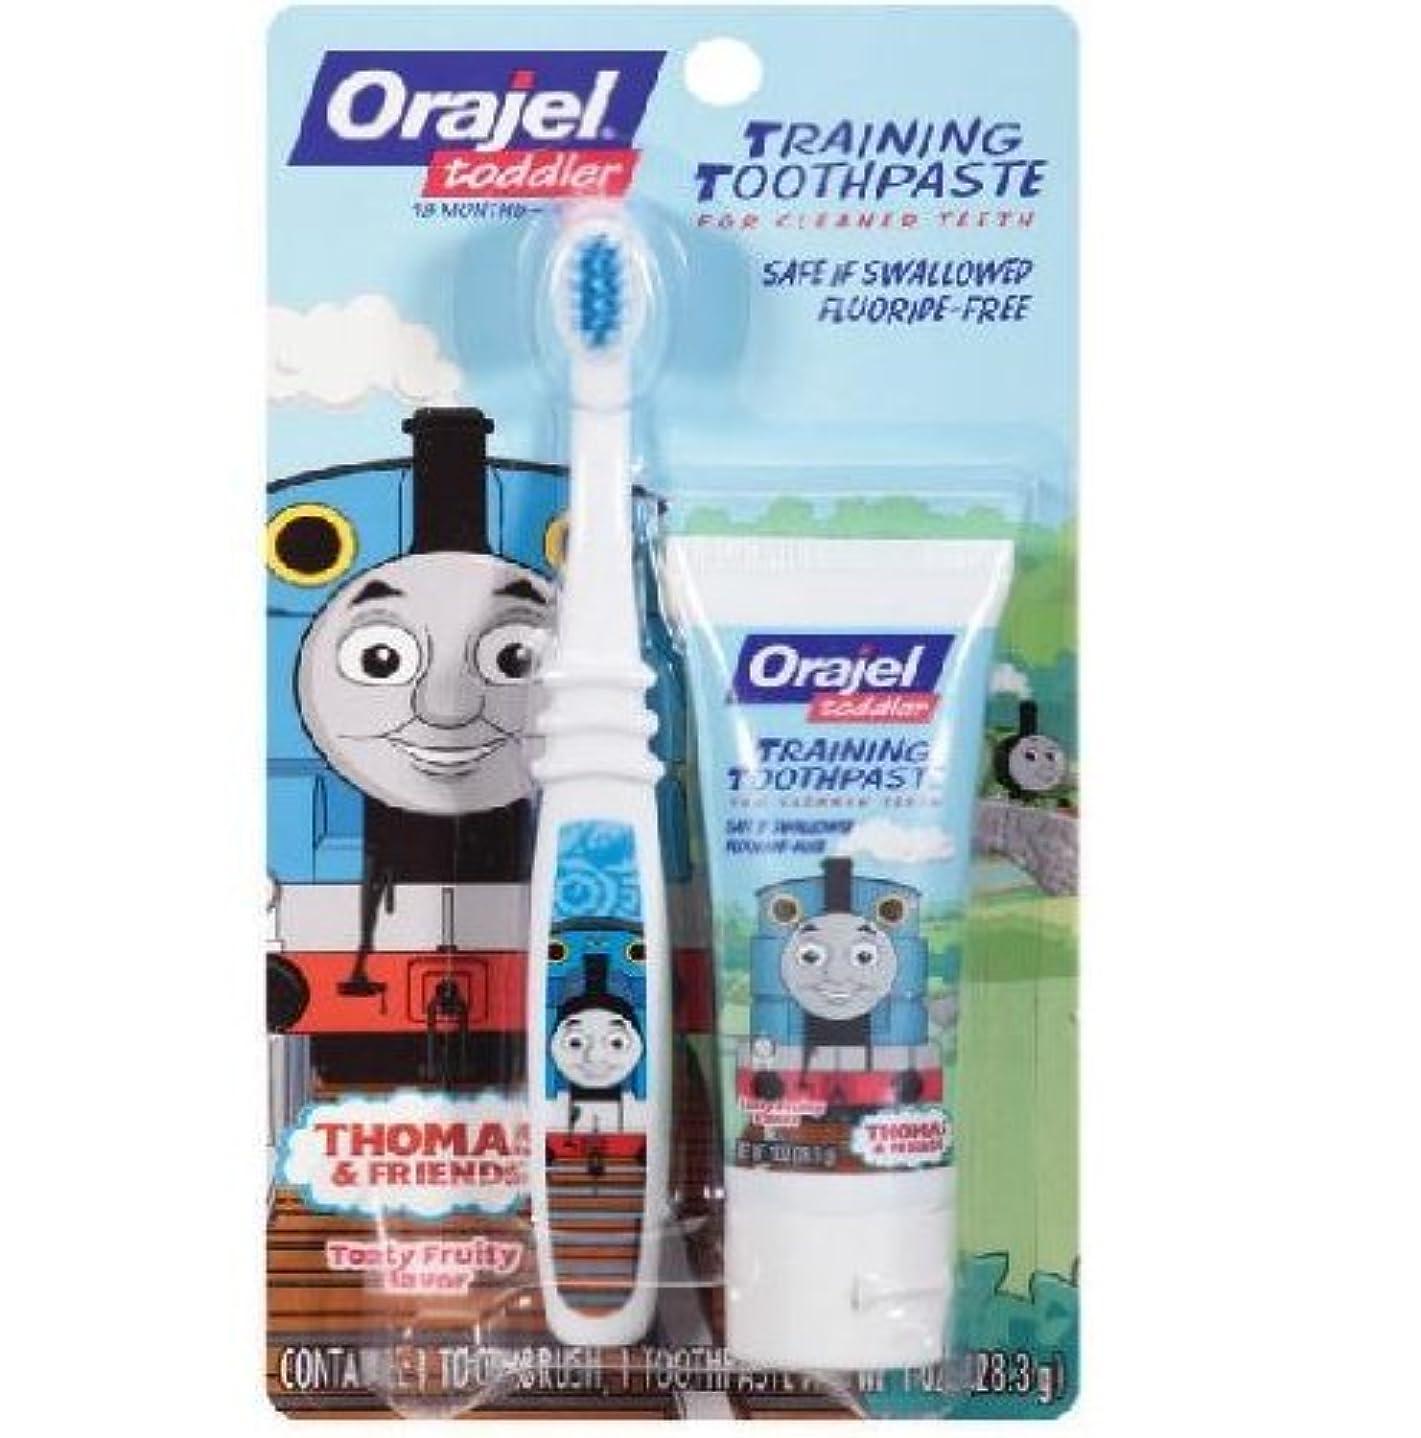 【機関車トーマス】Toddler Thomas Toddler Training Toothpaste with Toothbrush Tooty Fruity 1 oz